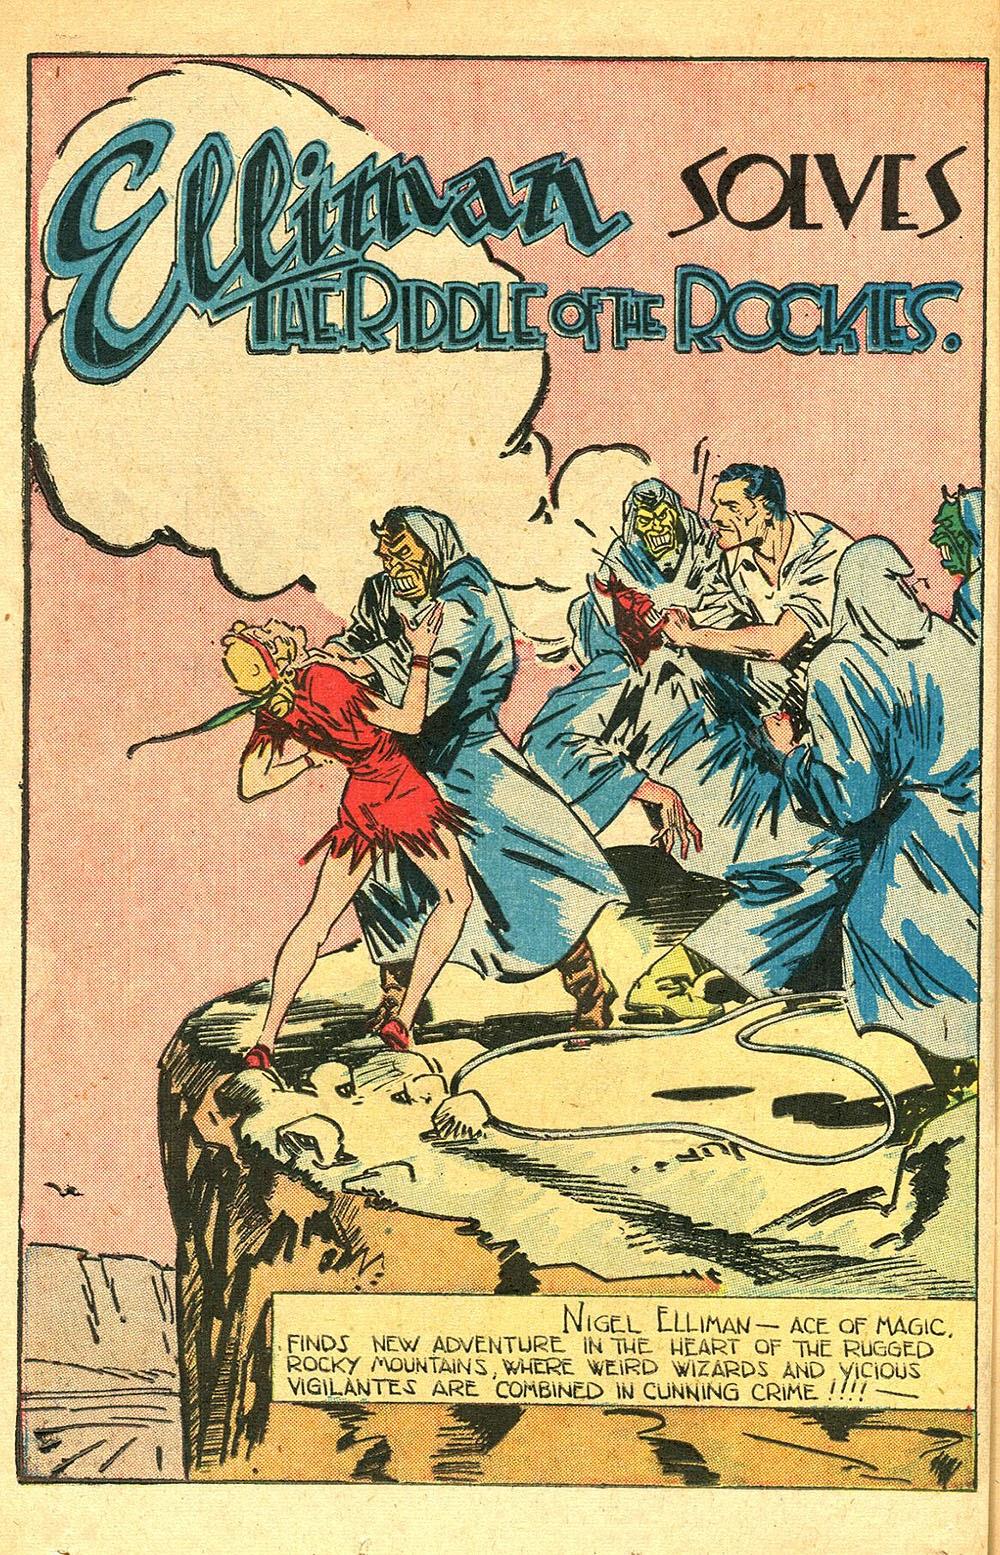 Read online Super-Magician Comics comic -  Issue #56 - 36